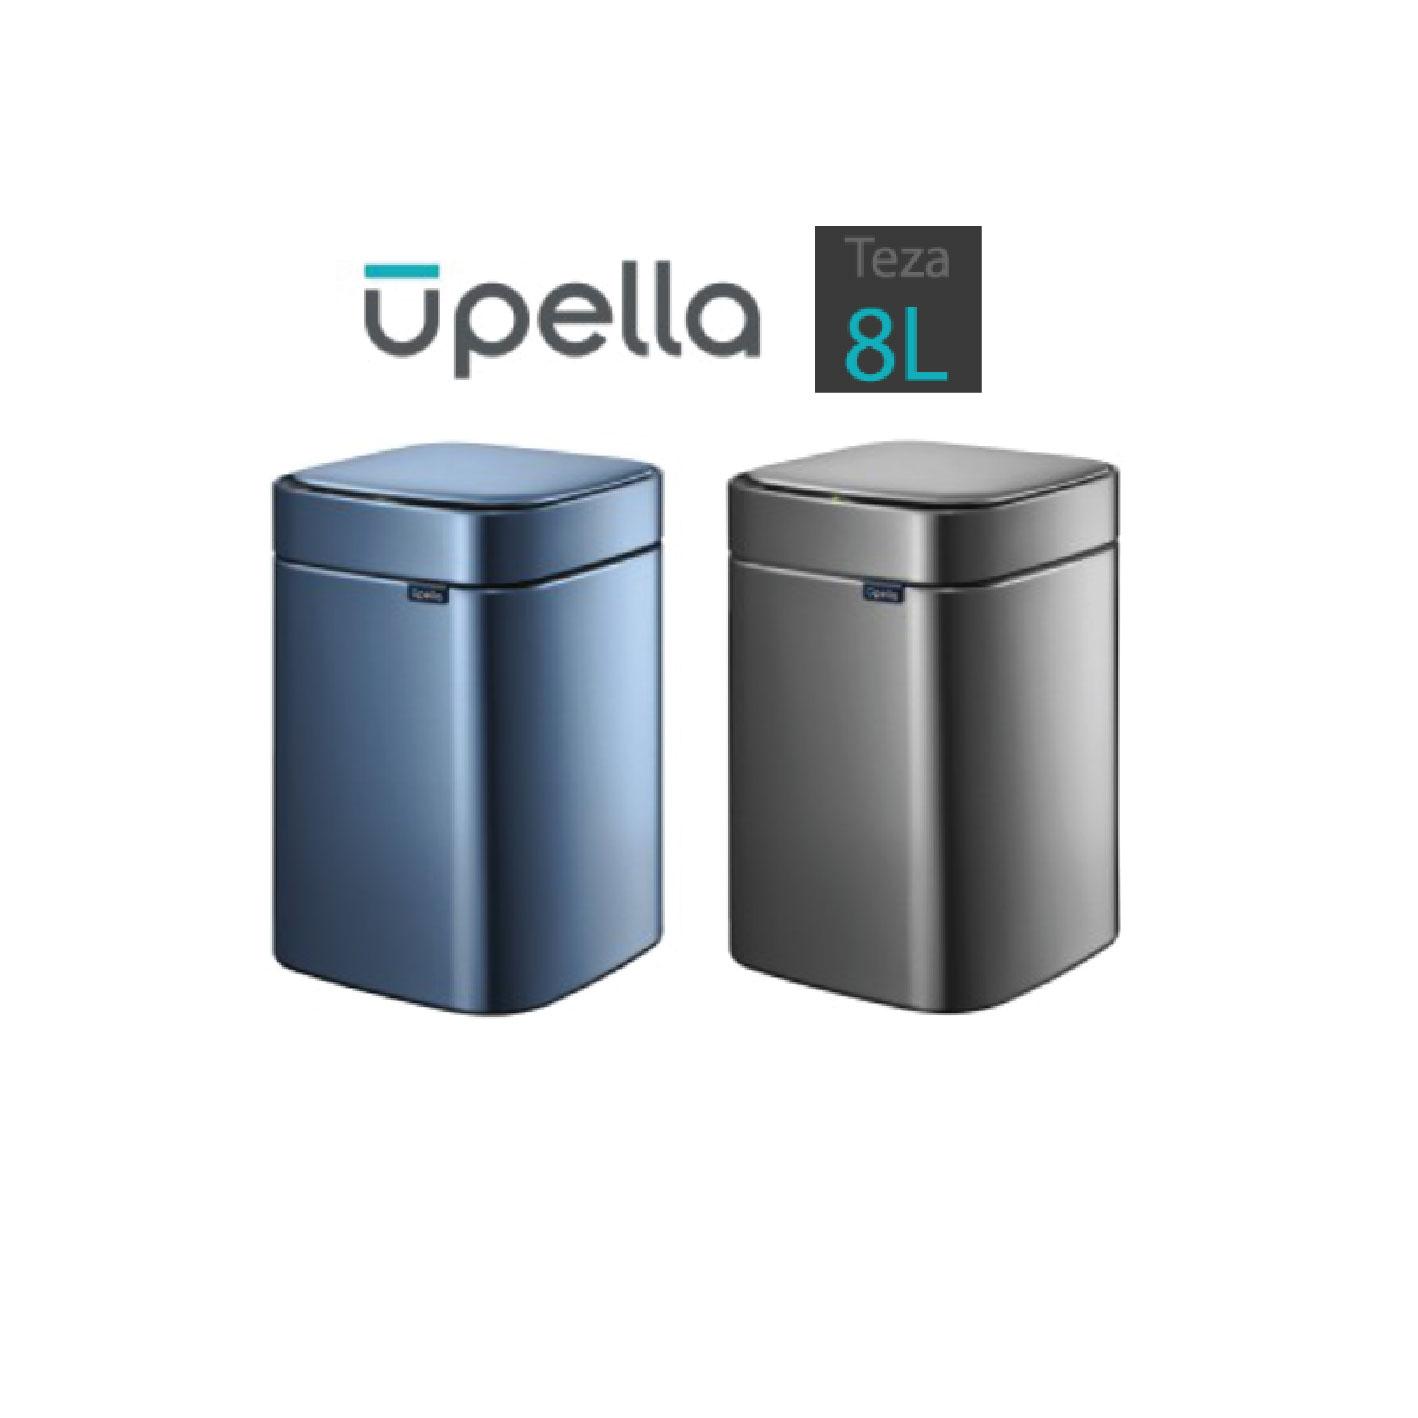 โปรโมชั่นคู่ ถังขยะเซ็นเซอร์ 8L Blue + 8L Silver